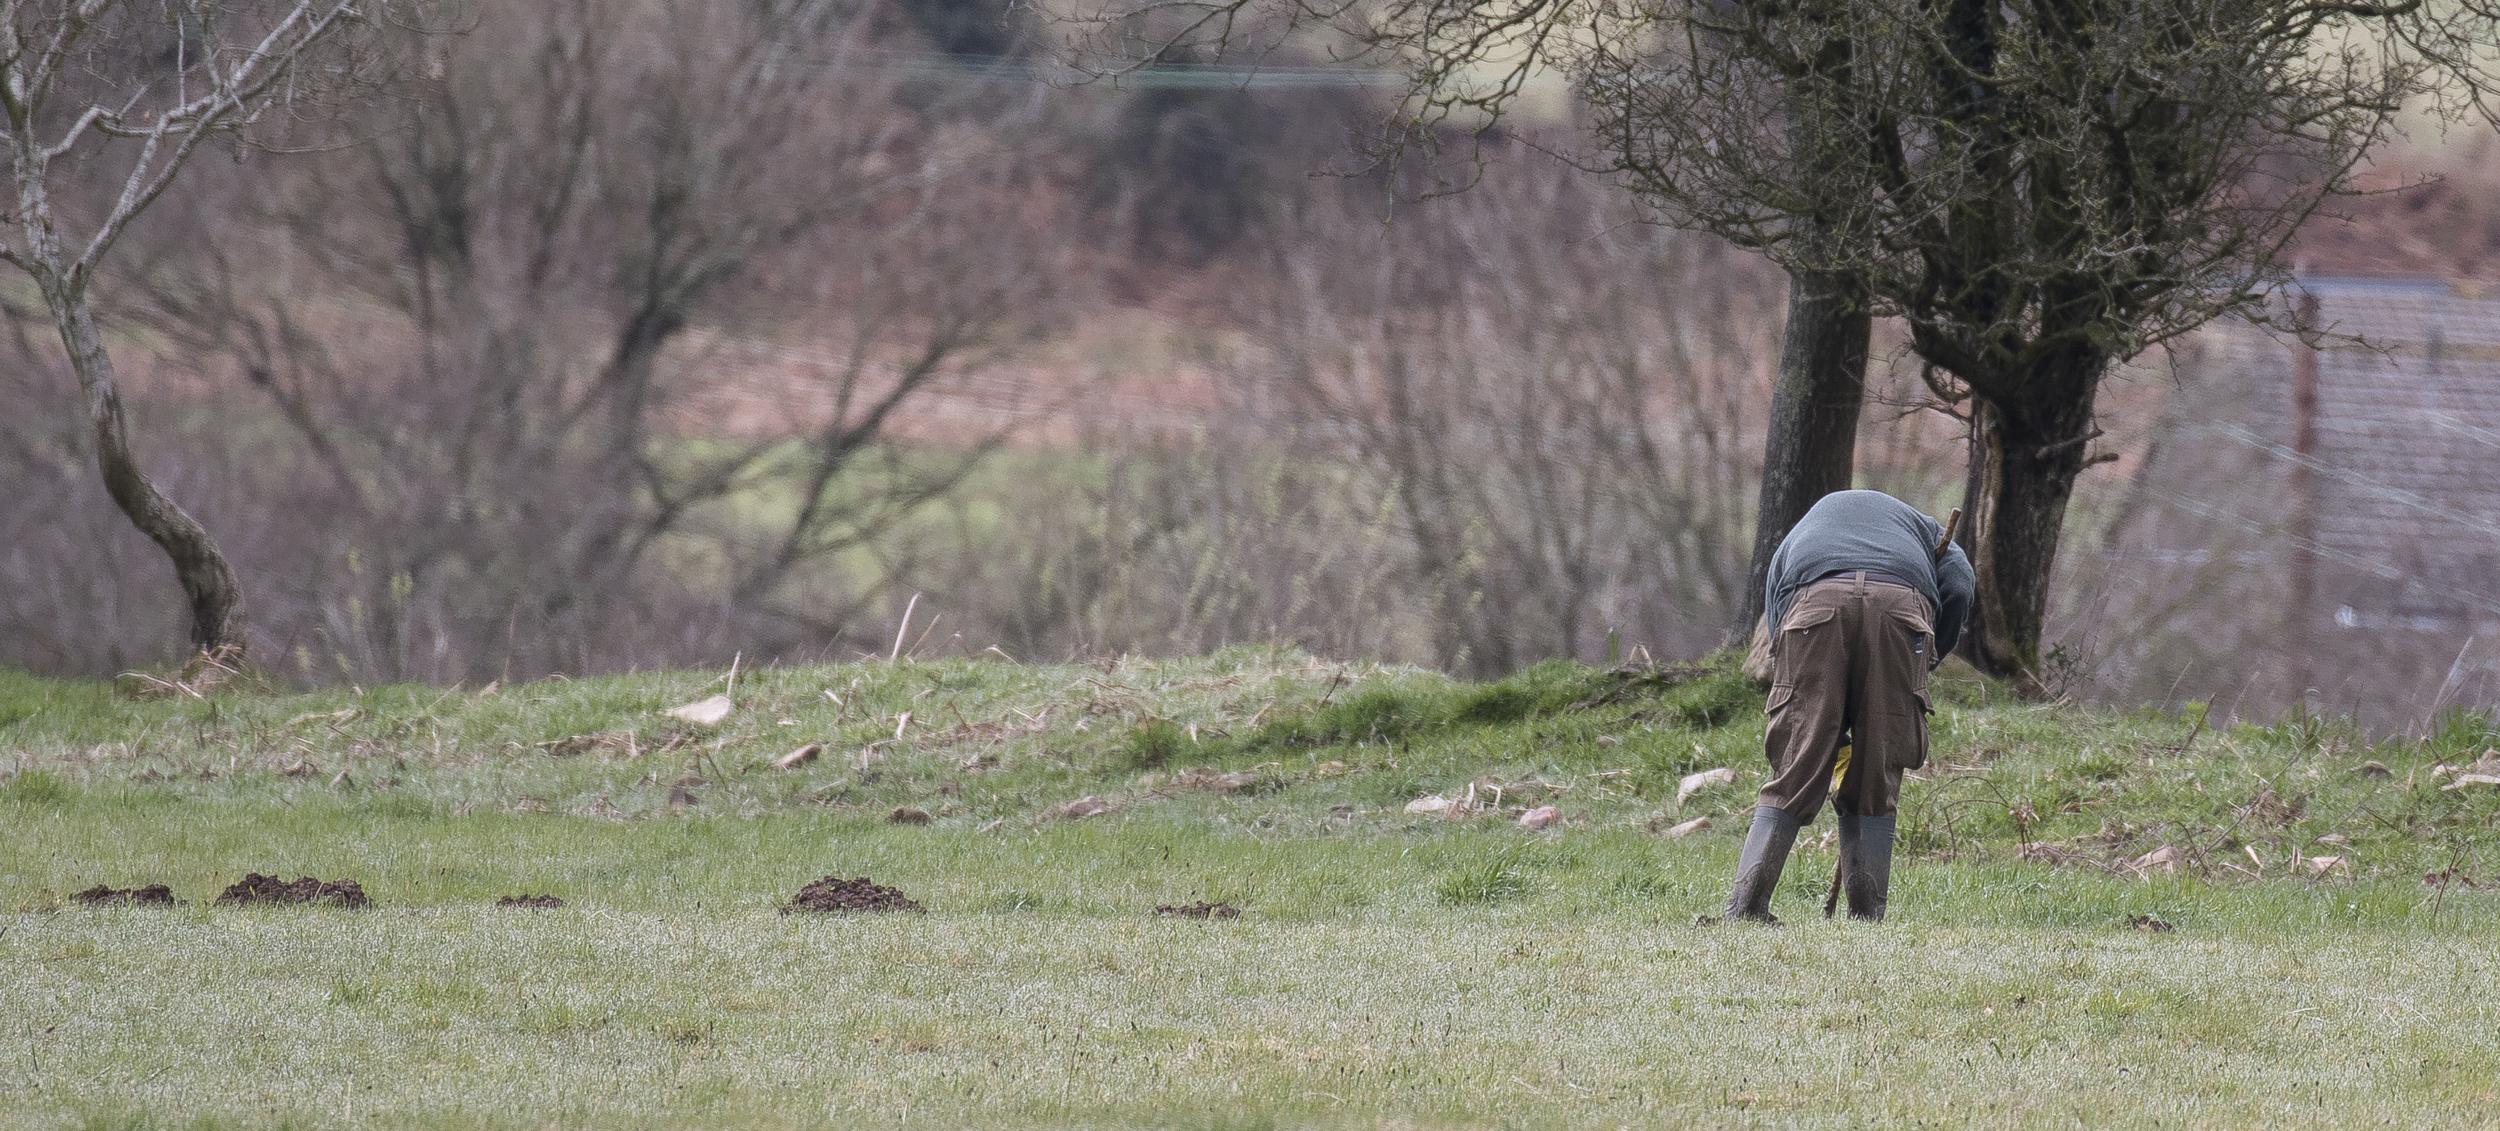 Farmer Poisening Moles 3rd April.jpg